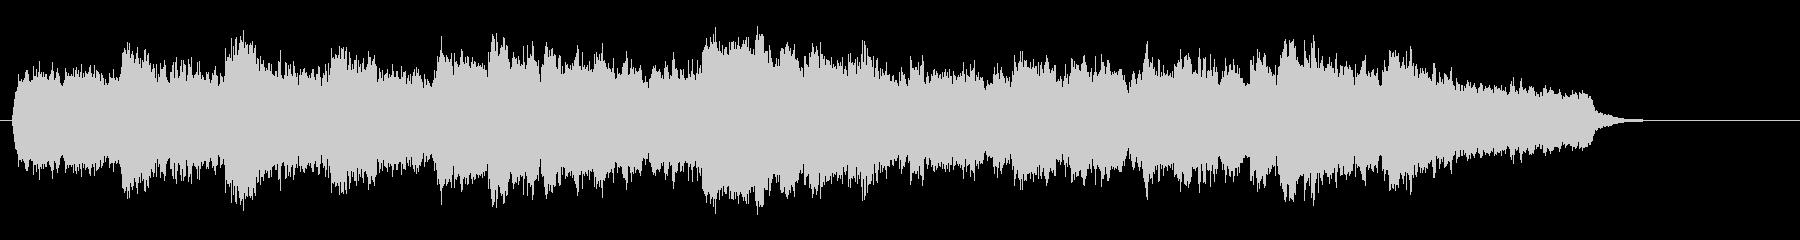 映画音楽風ストリングス・サウンドの未再生の波形